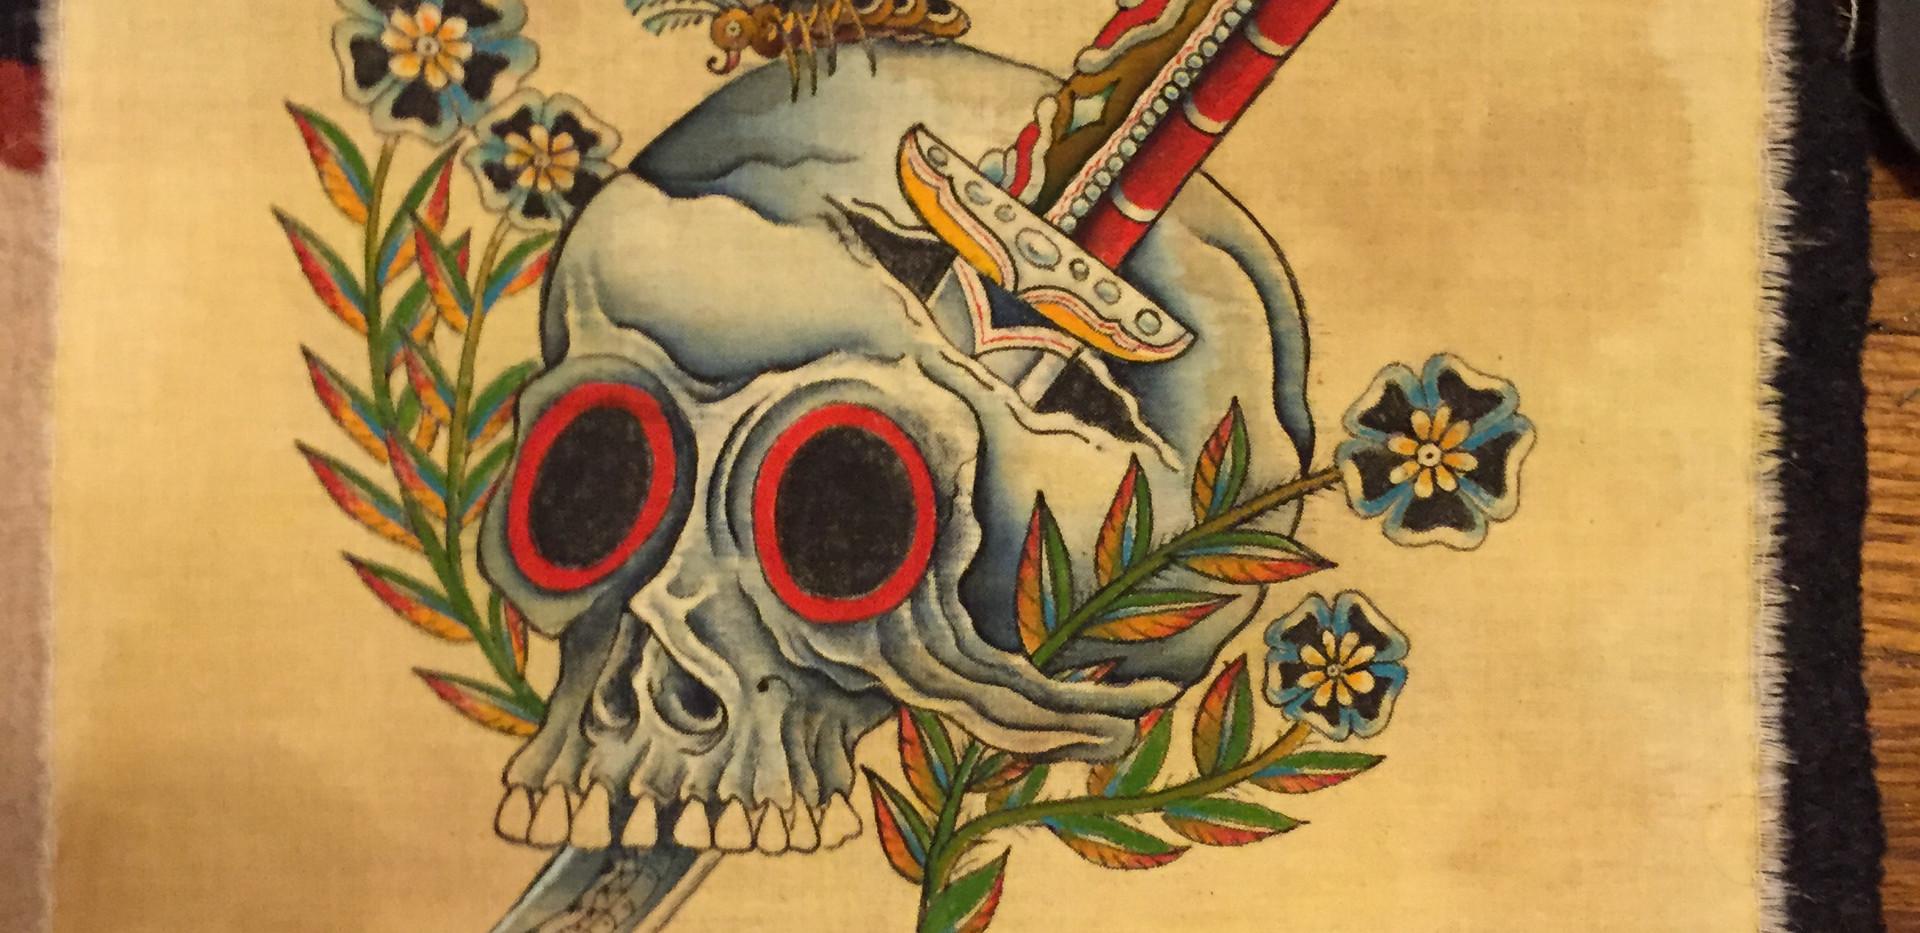 Skull 2014